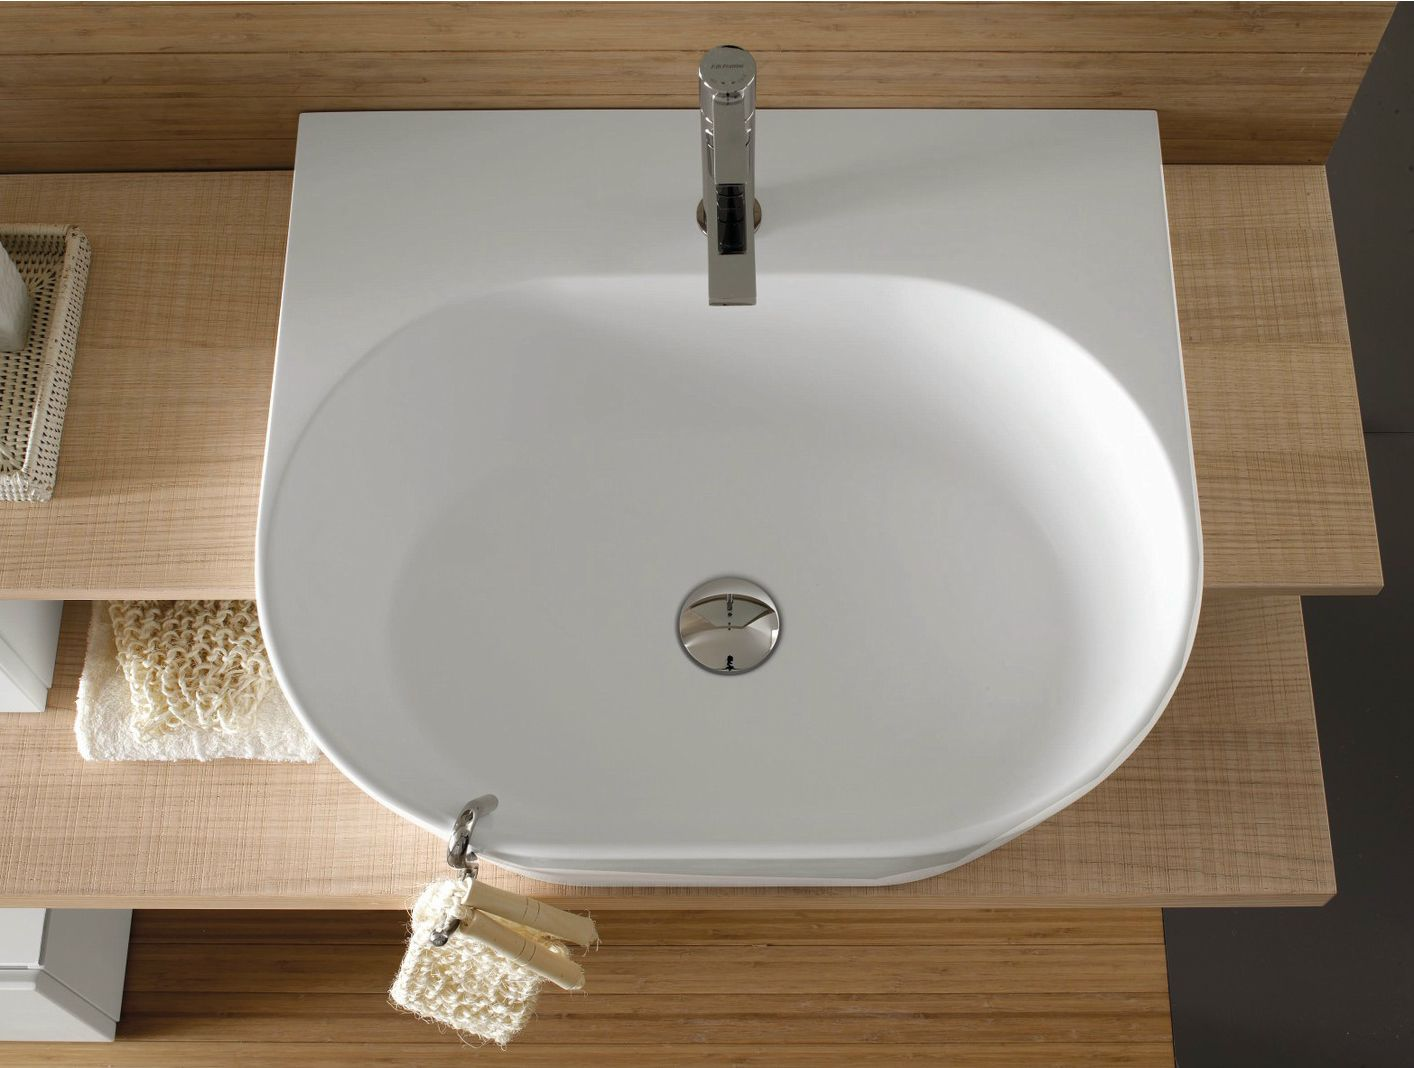 Comp c 01 cm 280 x 52 top rovere ecru laccato bianco - Gaivi arredo bagno ...